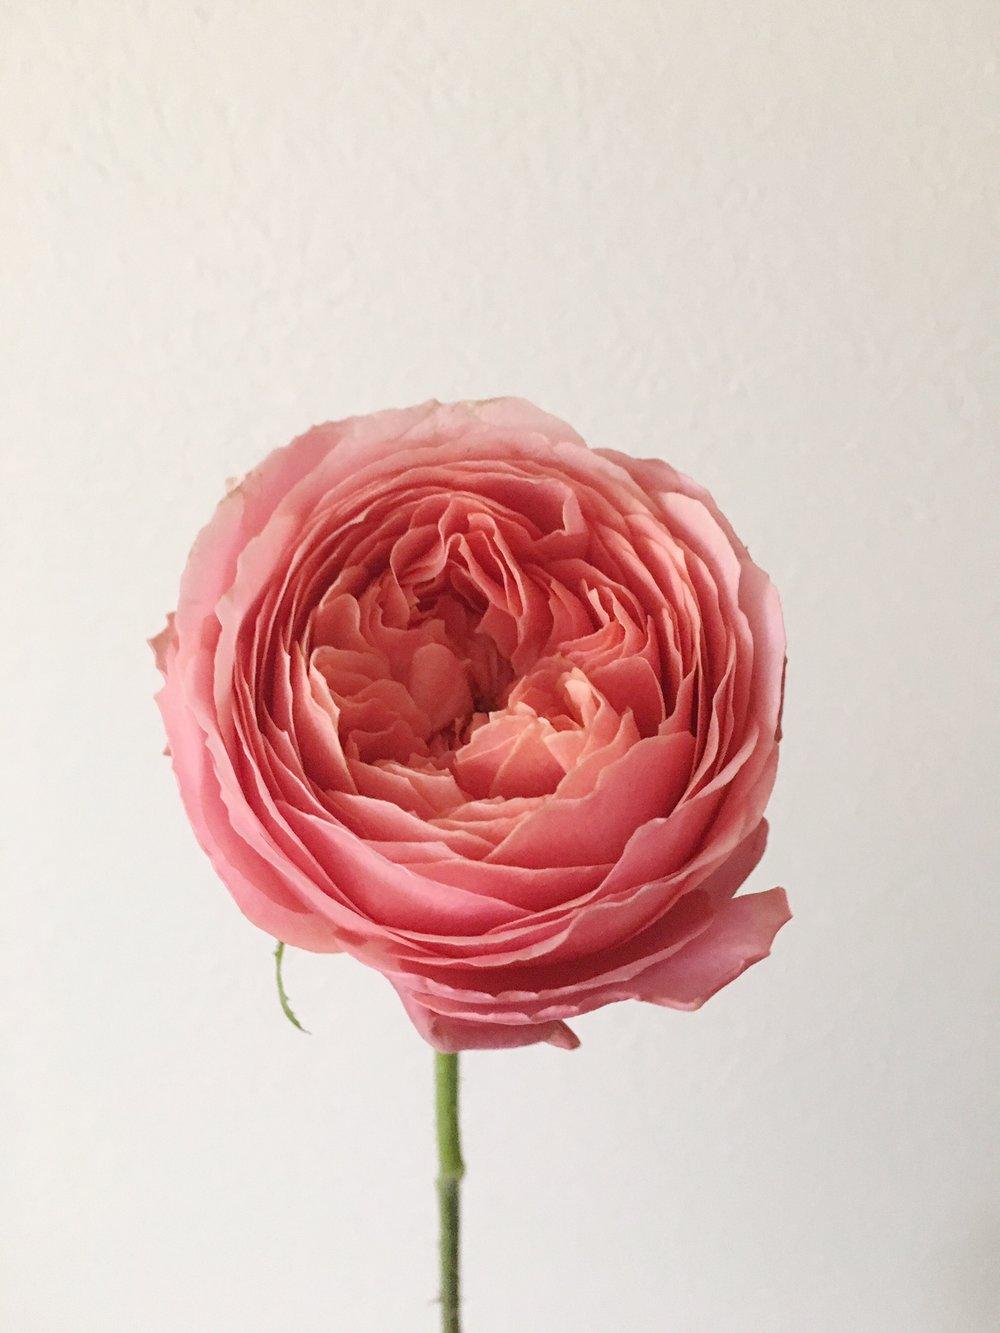 ROMANTIC ANTIQUE ROSE